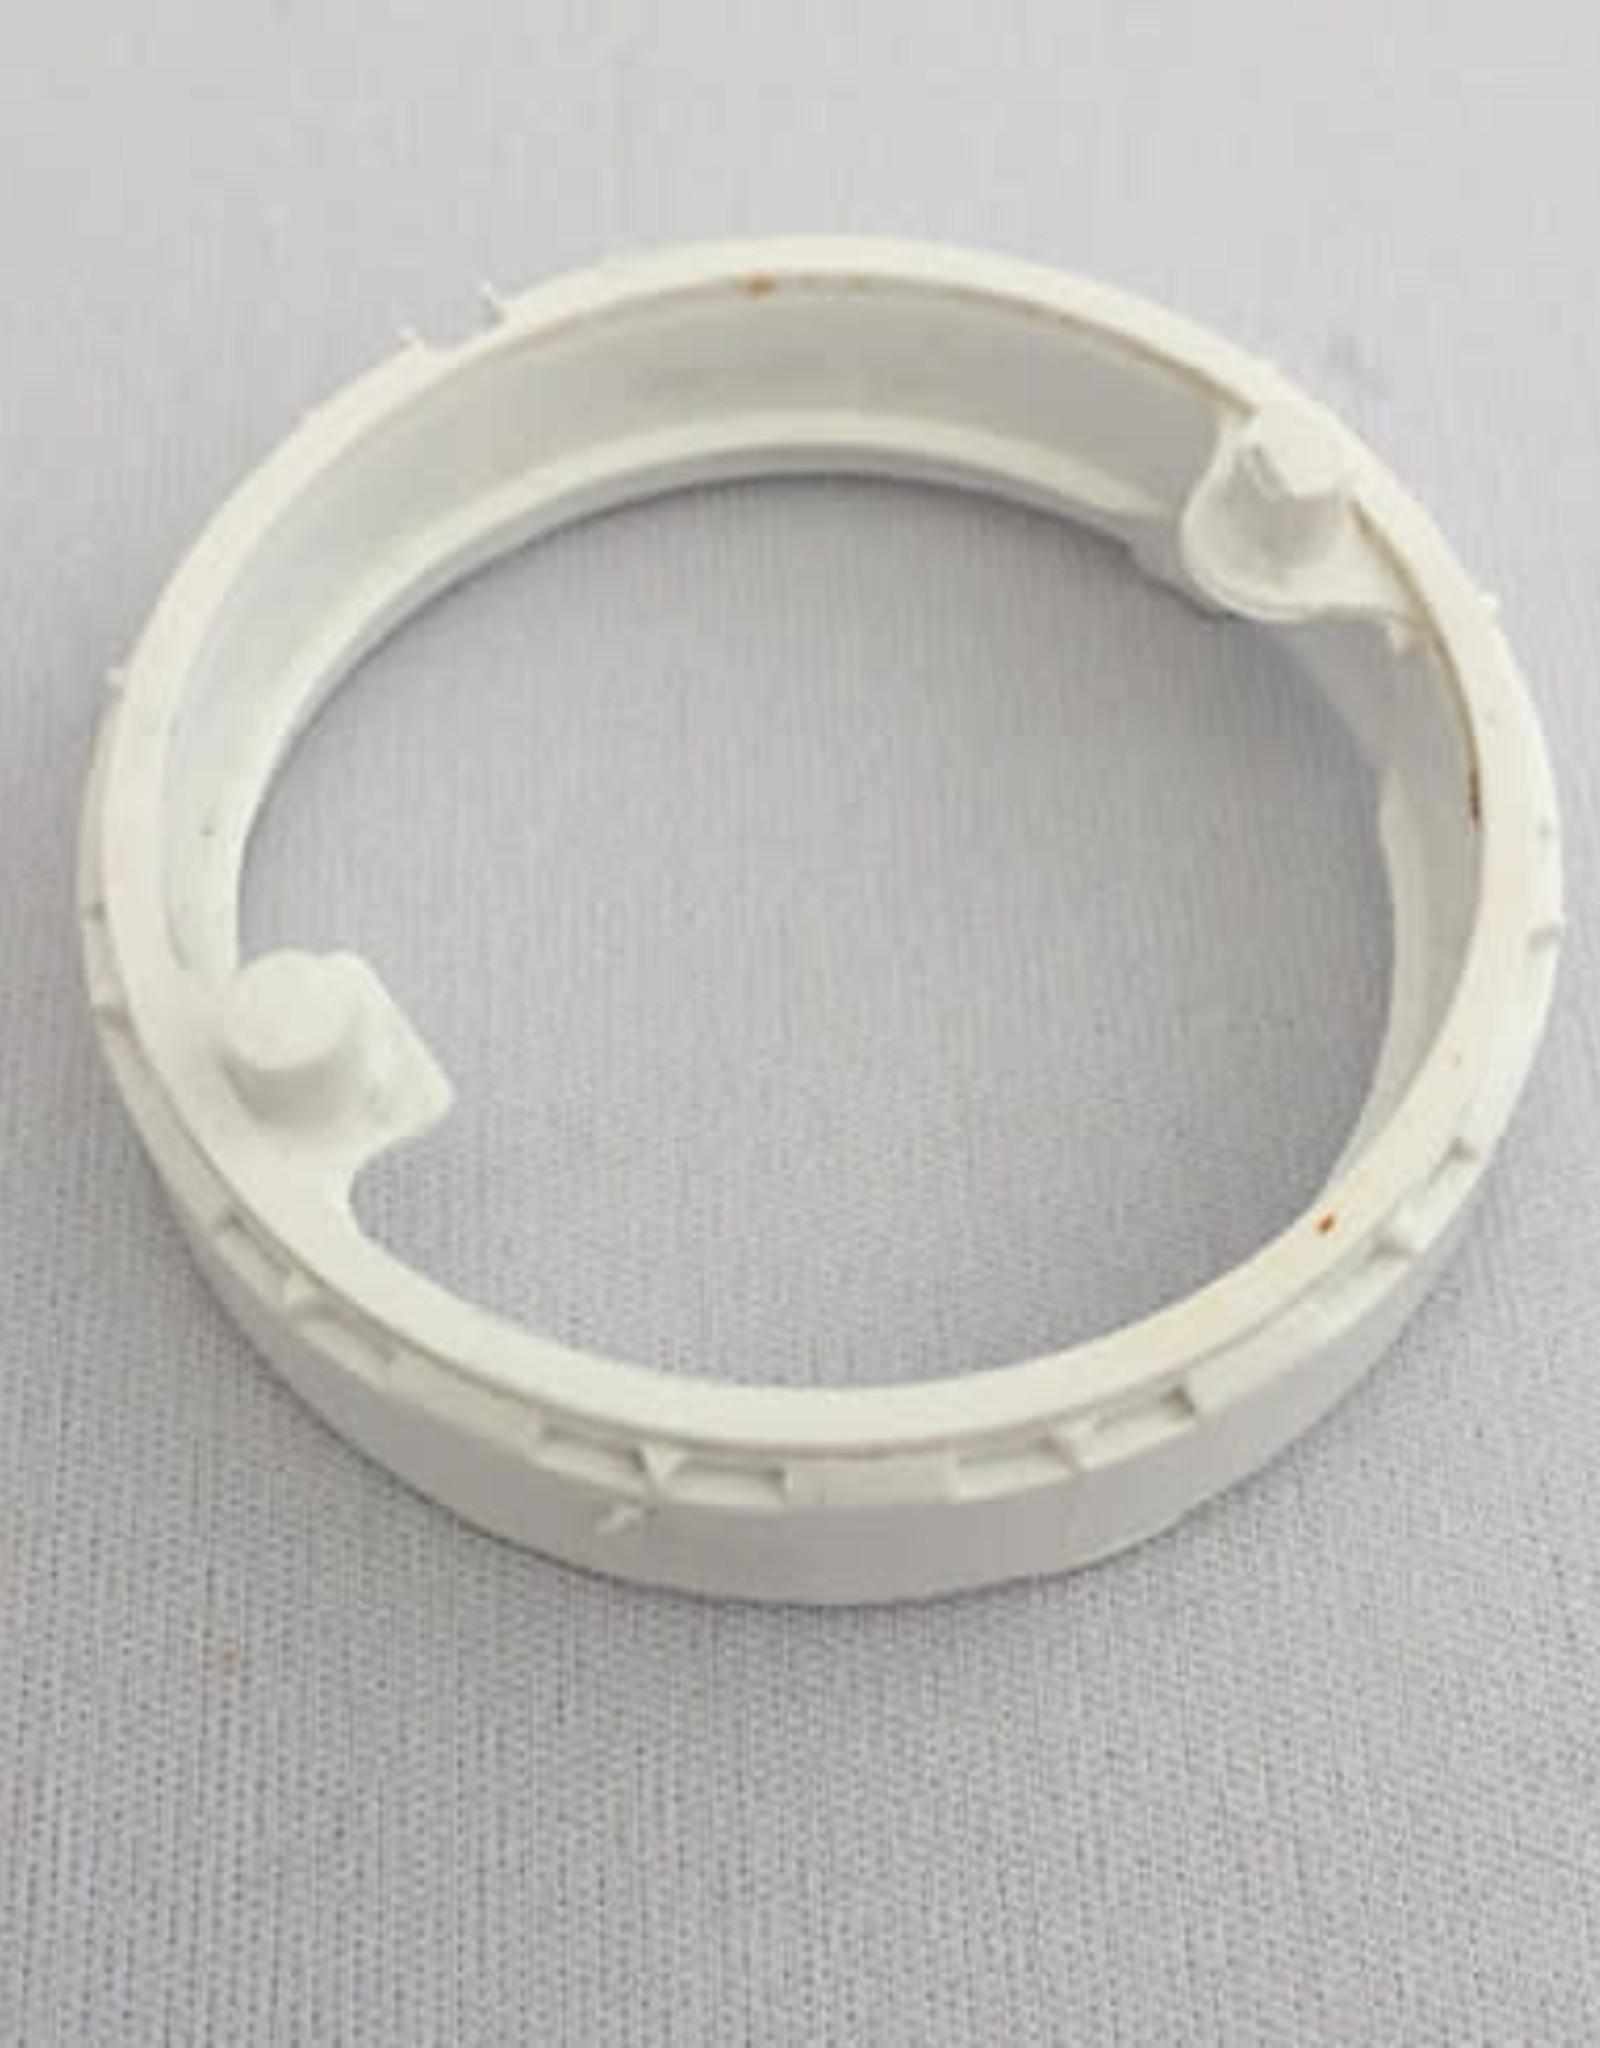 BEACHCOMBER BEACHCOMBER RETAINER RING EI, E2, POSILOCK